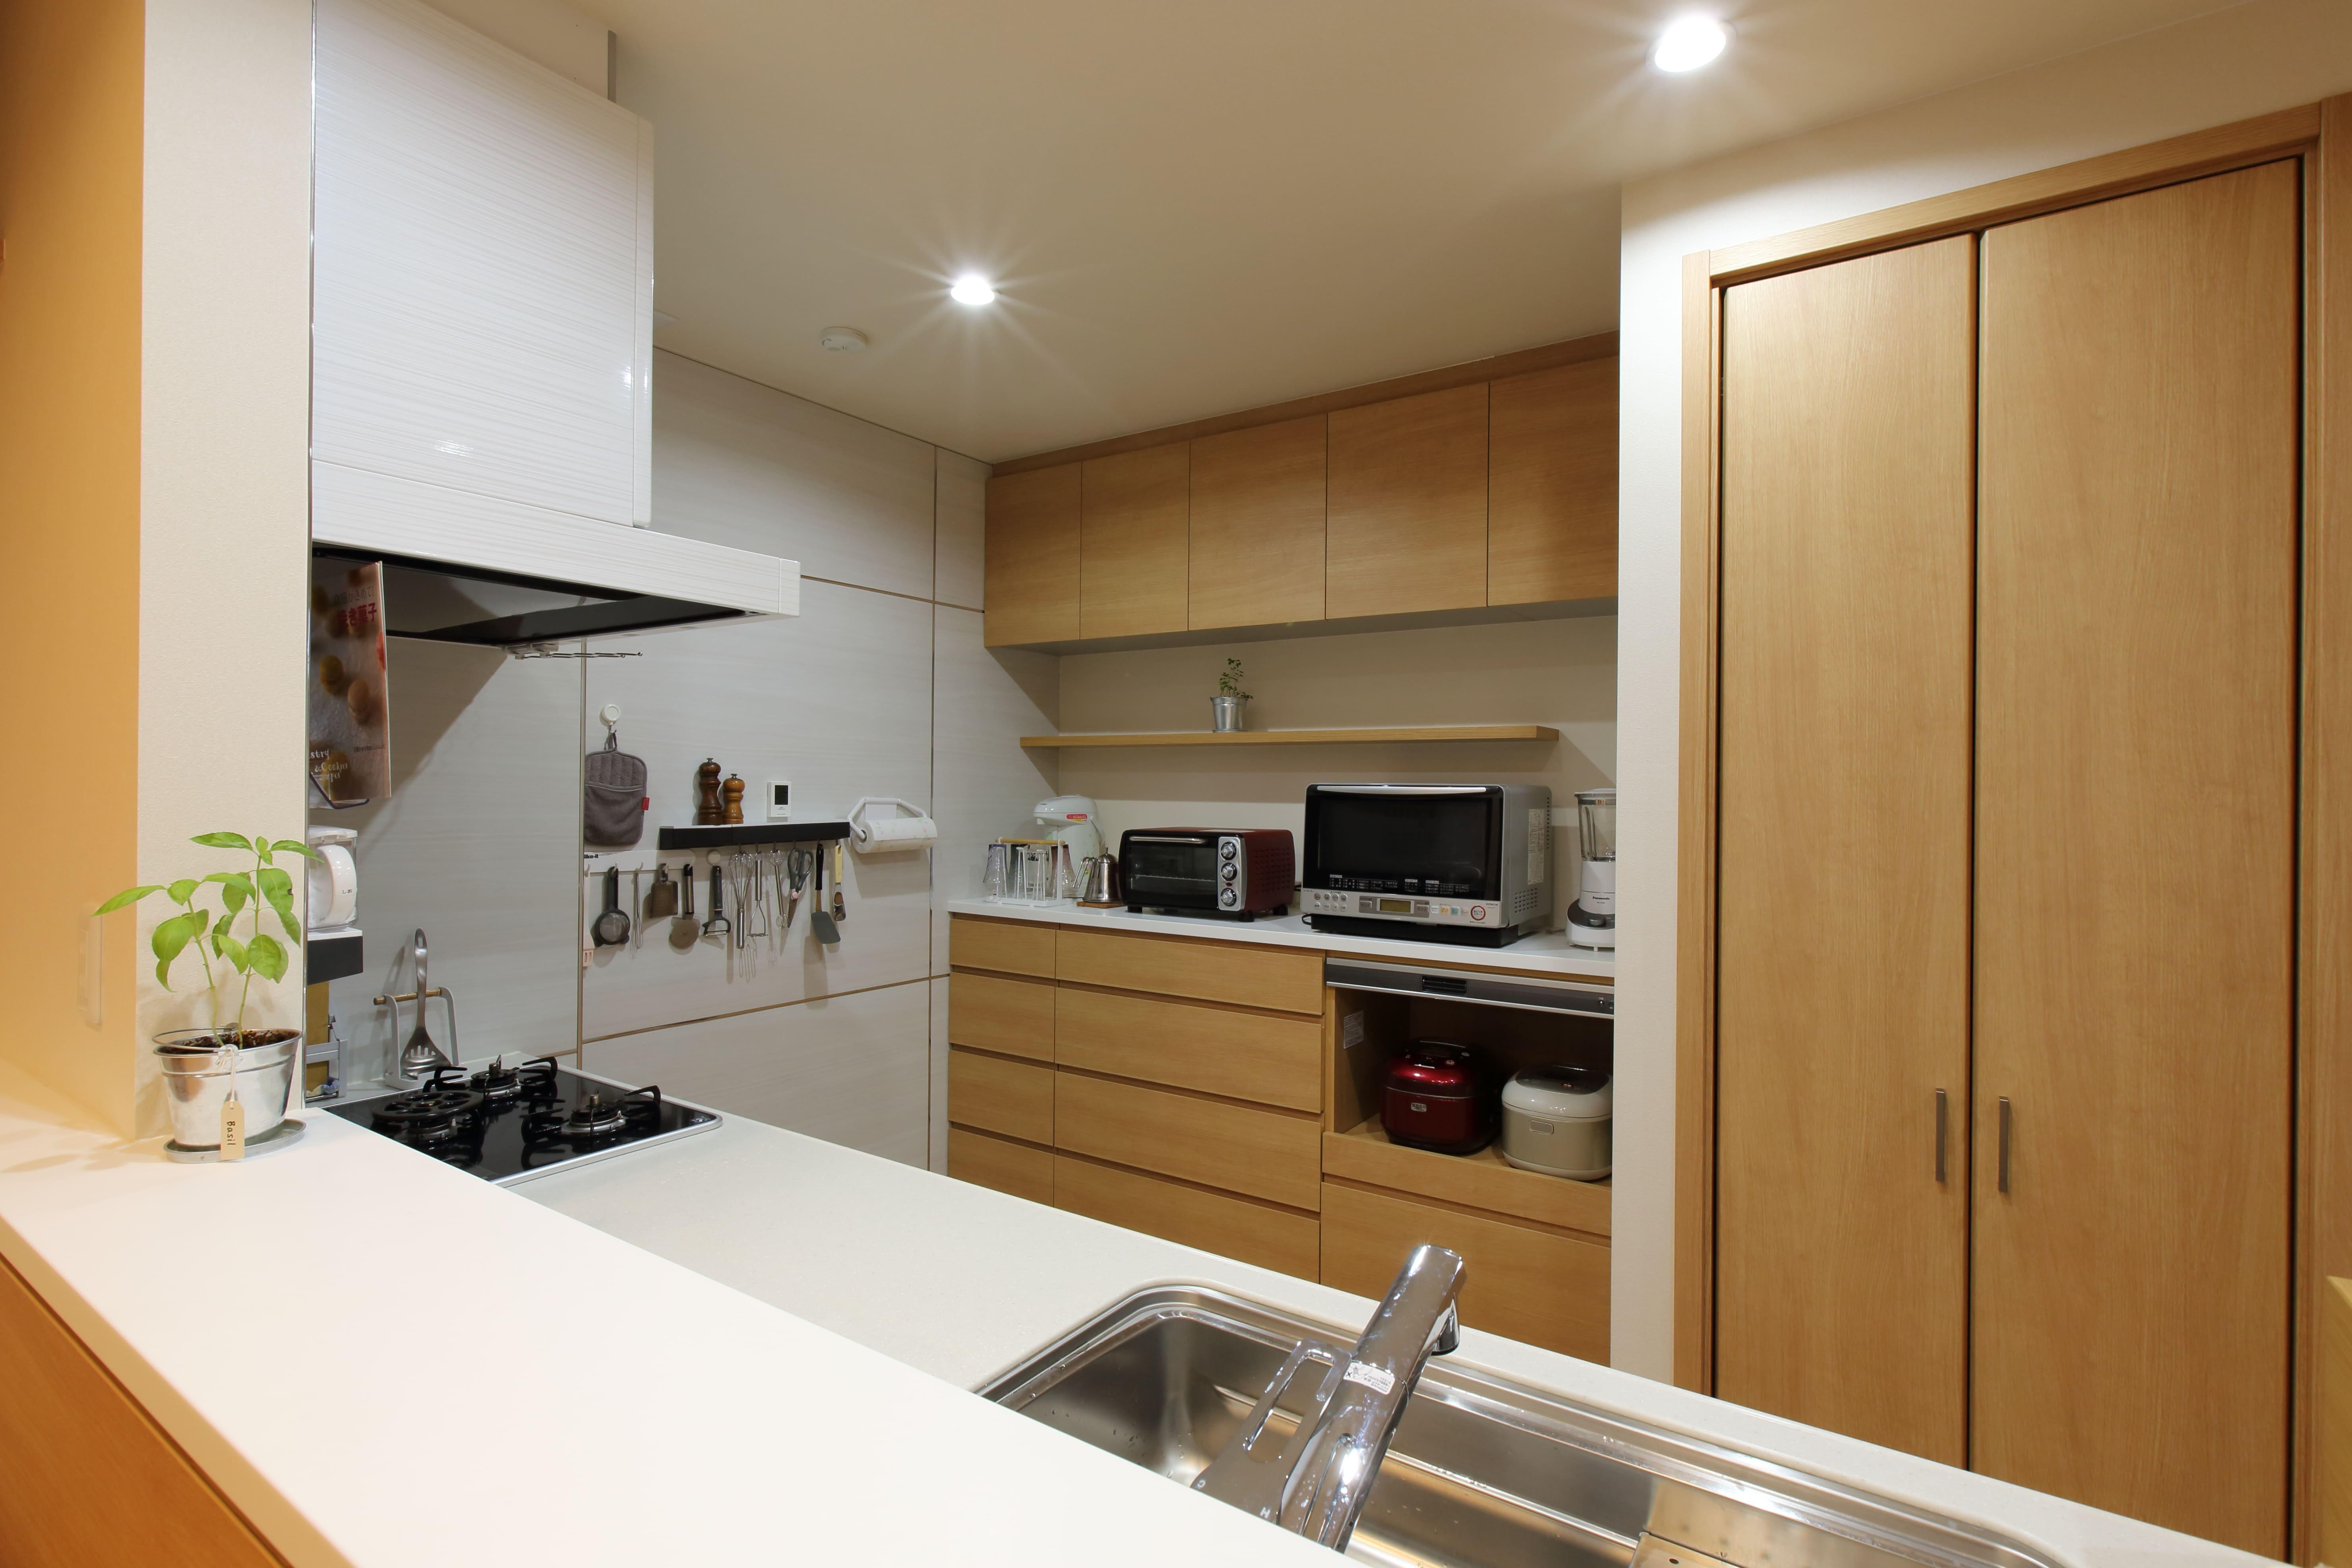 キッチン事例:対面式のキッチンカウンター(将来の夫婦二人の生活を見据えて、1階部分だけで暮らせる住まいにリフォーム。)